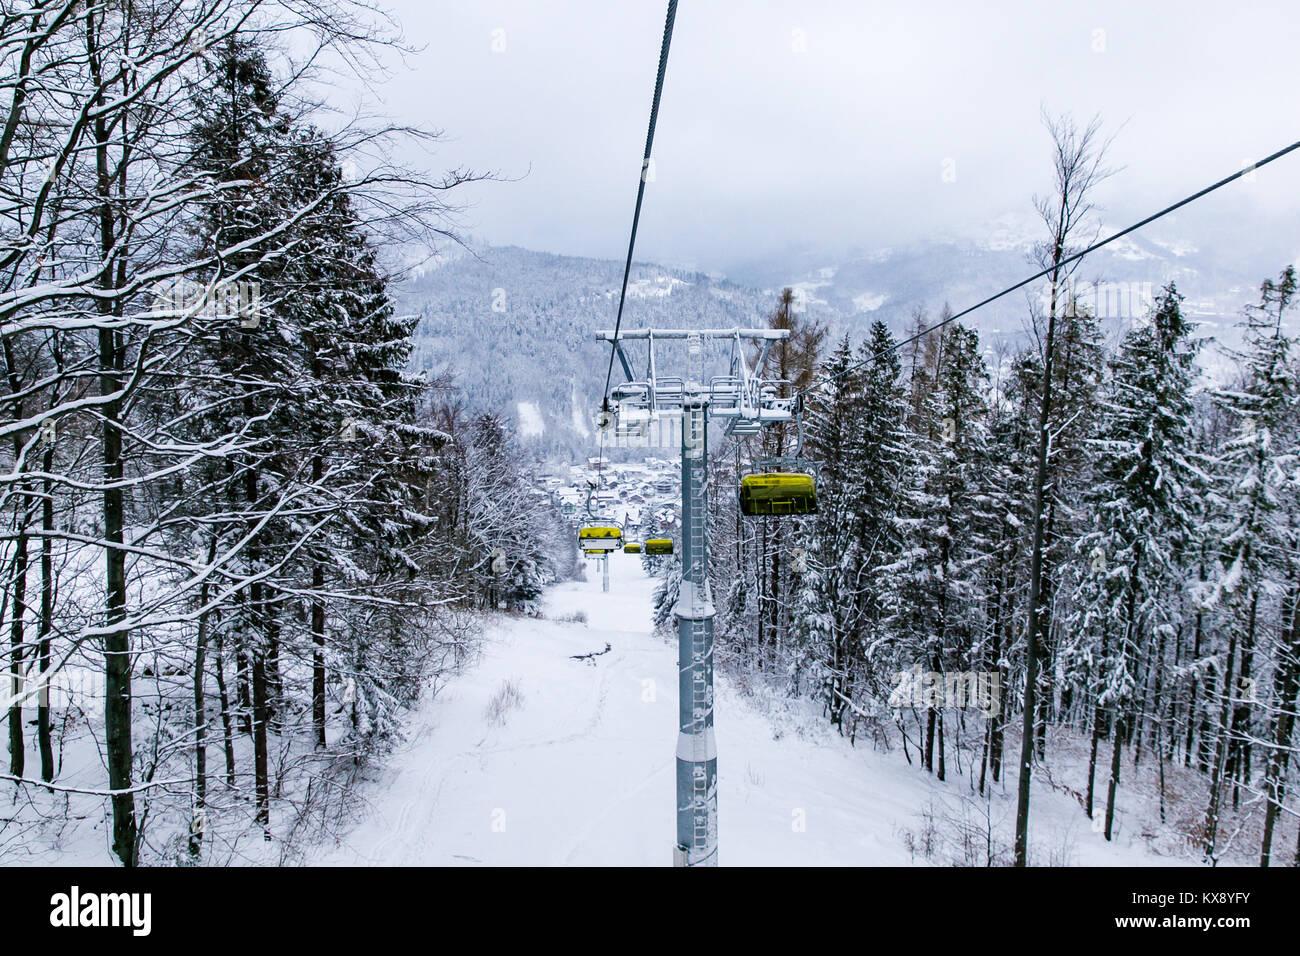 Télésiège de ski réunissant les skieurs et les surfeurs de la montagne Skrzyczne après les fortes chutes de neige sur une journée d'hiver brumeux de ski à Szczyrk en Pologne Banque D'Images